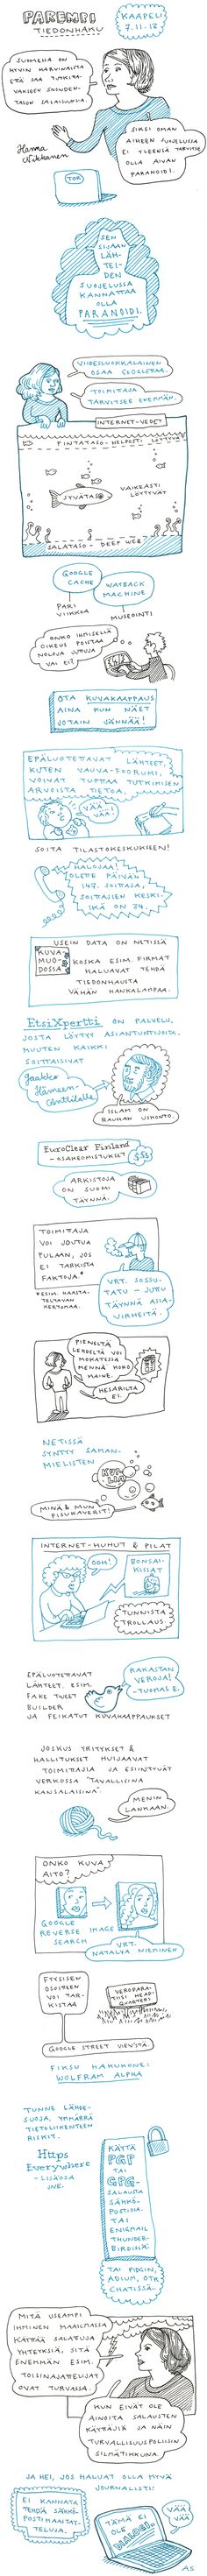 Taksi Absurdistaniin » Blog Archive » Hanna Nikkanen: Journalismi ja parempi tiedonhaku. Hieno esitys journalismin tiedonhausta #mediakasvatus